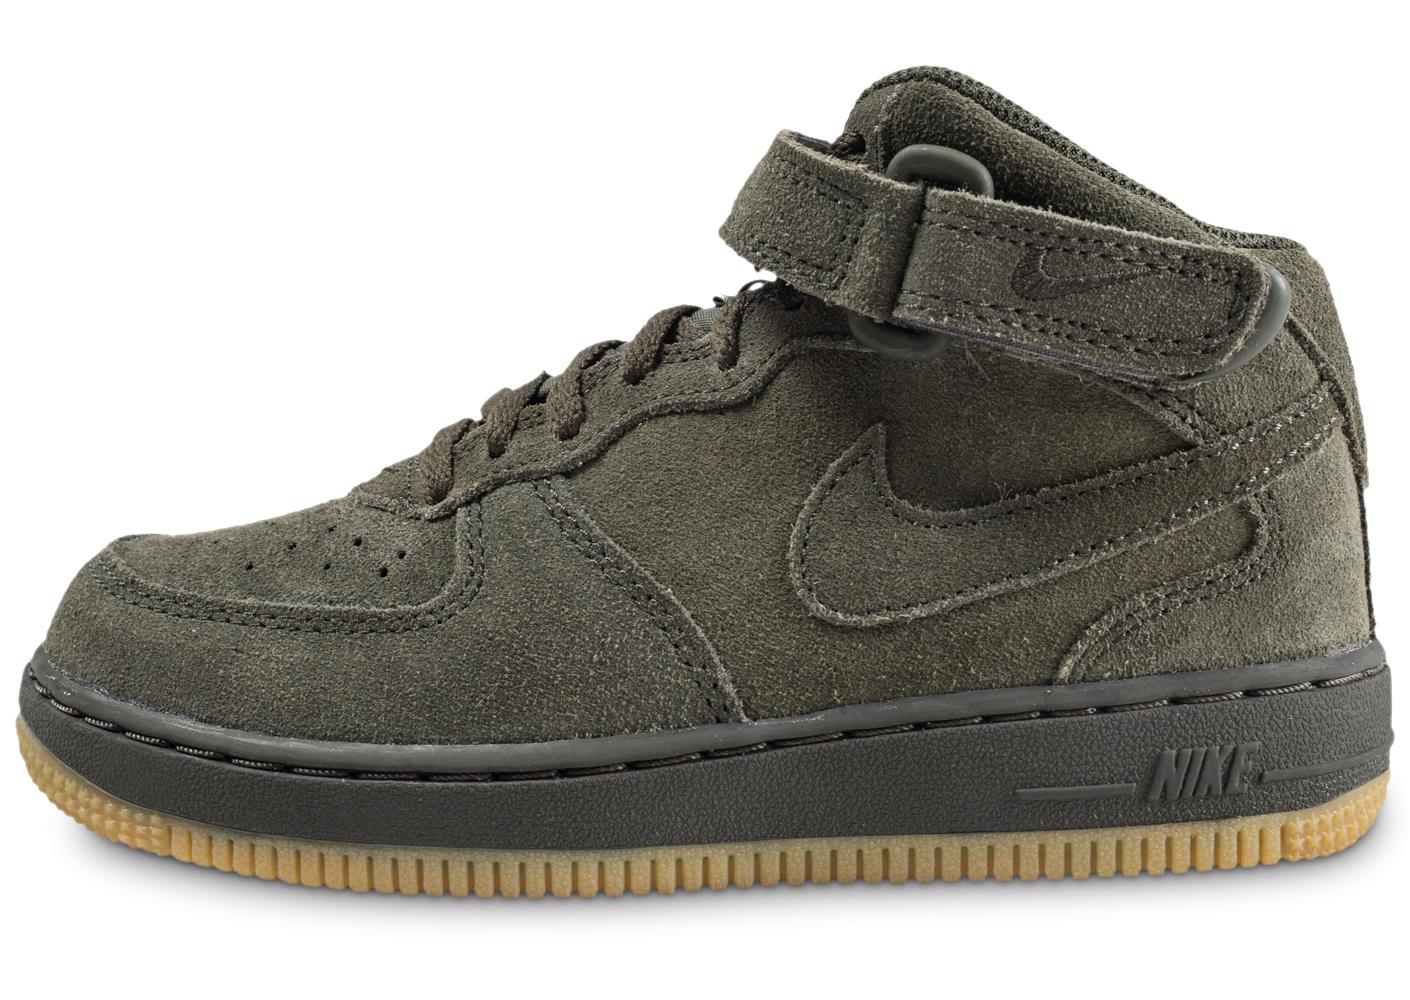 separation shoes bd9a1 063b0 Baskets Nike Air Force 1 Mid LV8 pour Enfants - Villeneuve-Loubet (06)